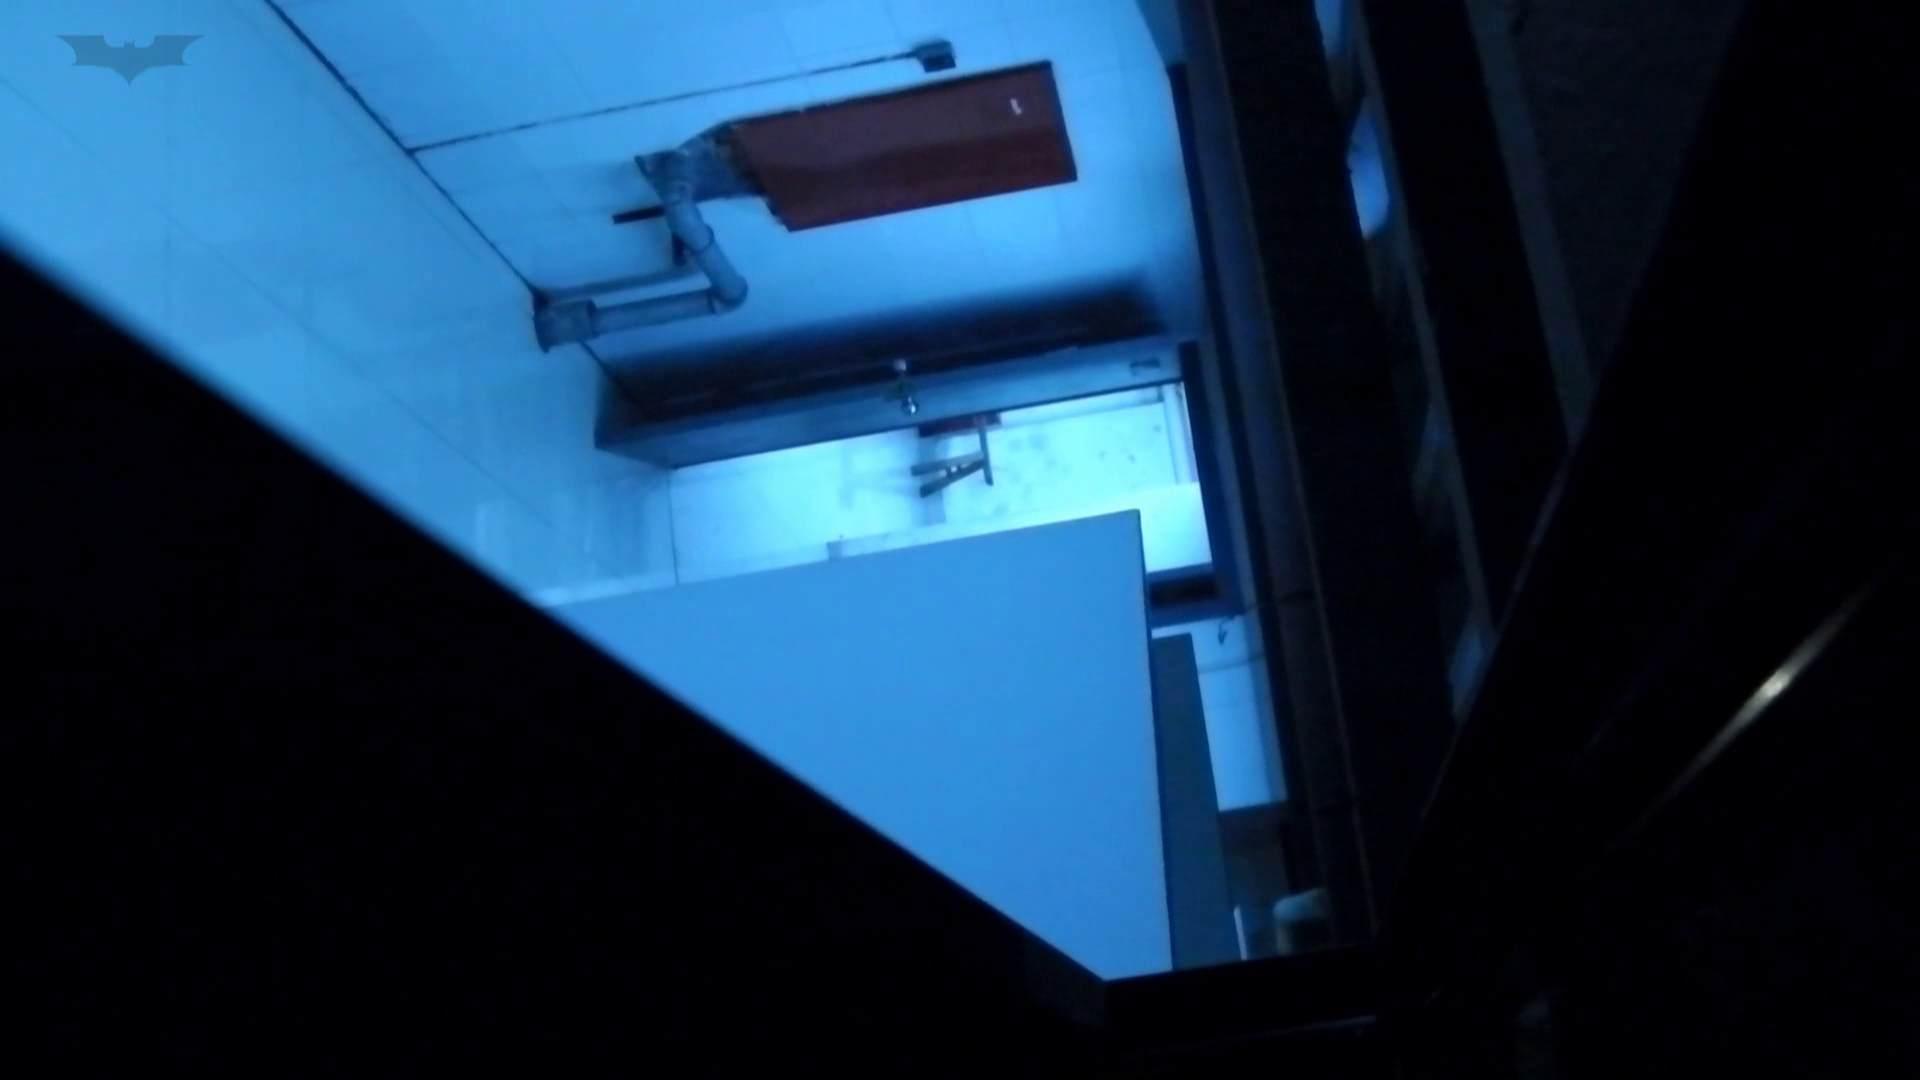 新世界の射窓 No72 モデル級なら個室から飛び出て追っかけます ギャル達 濡れ場動画紹介 108枚 14